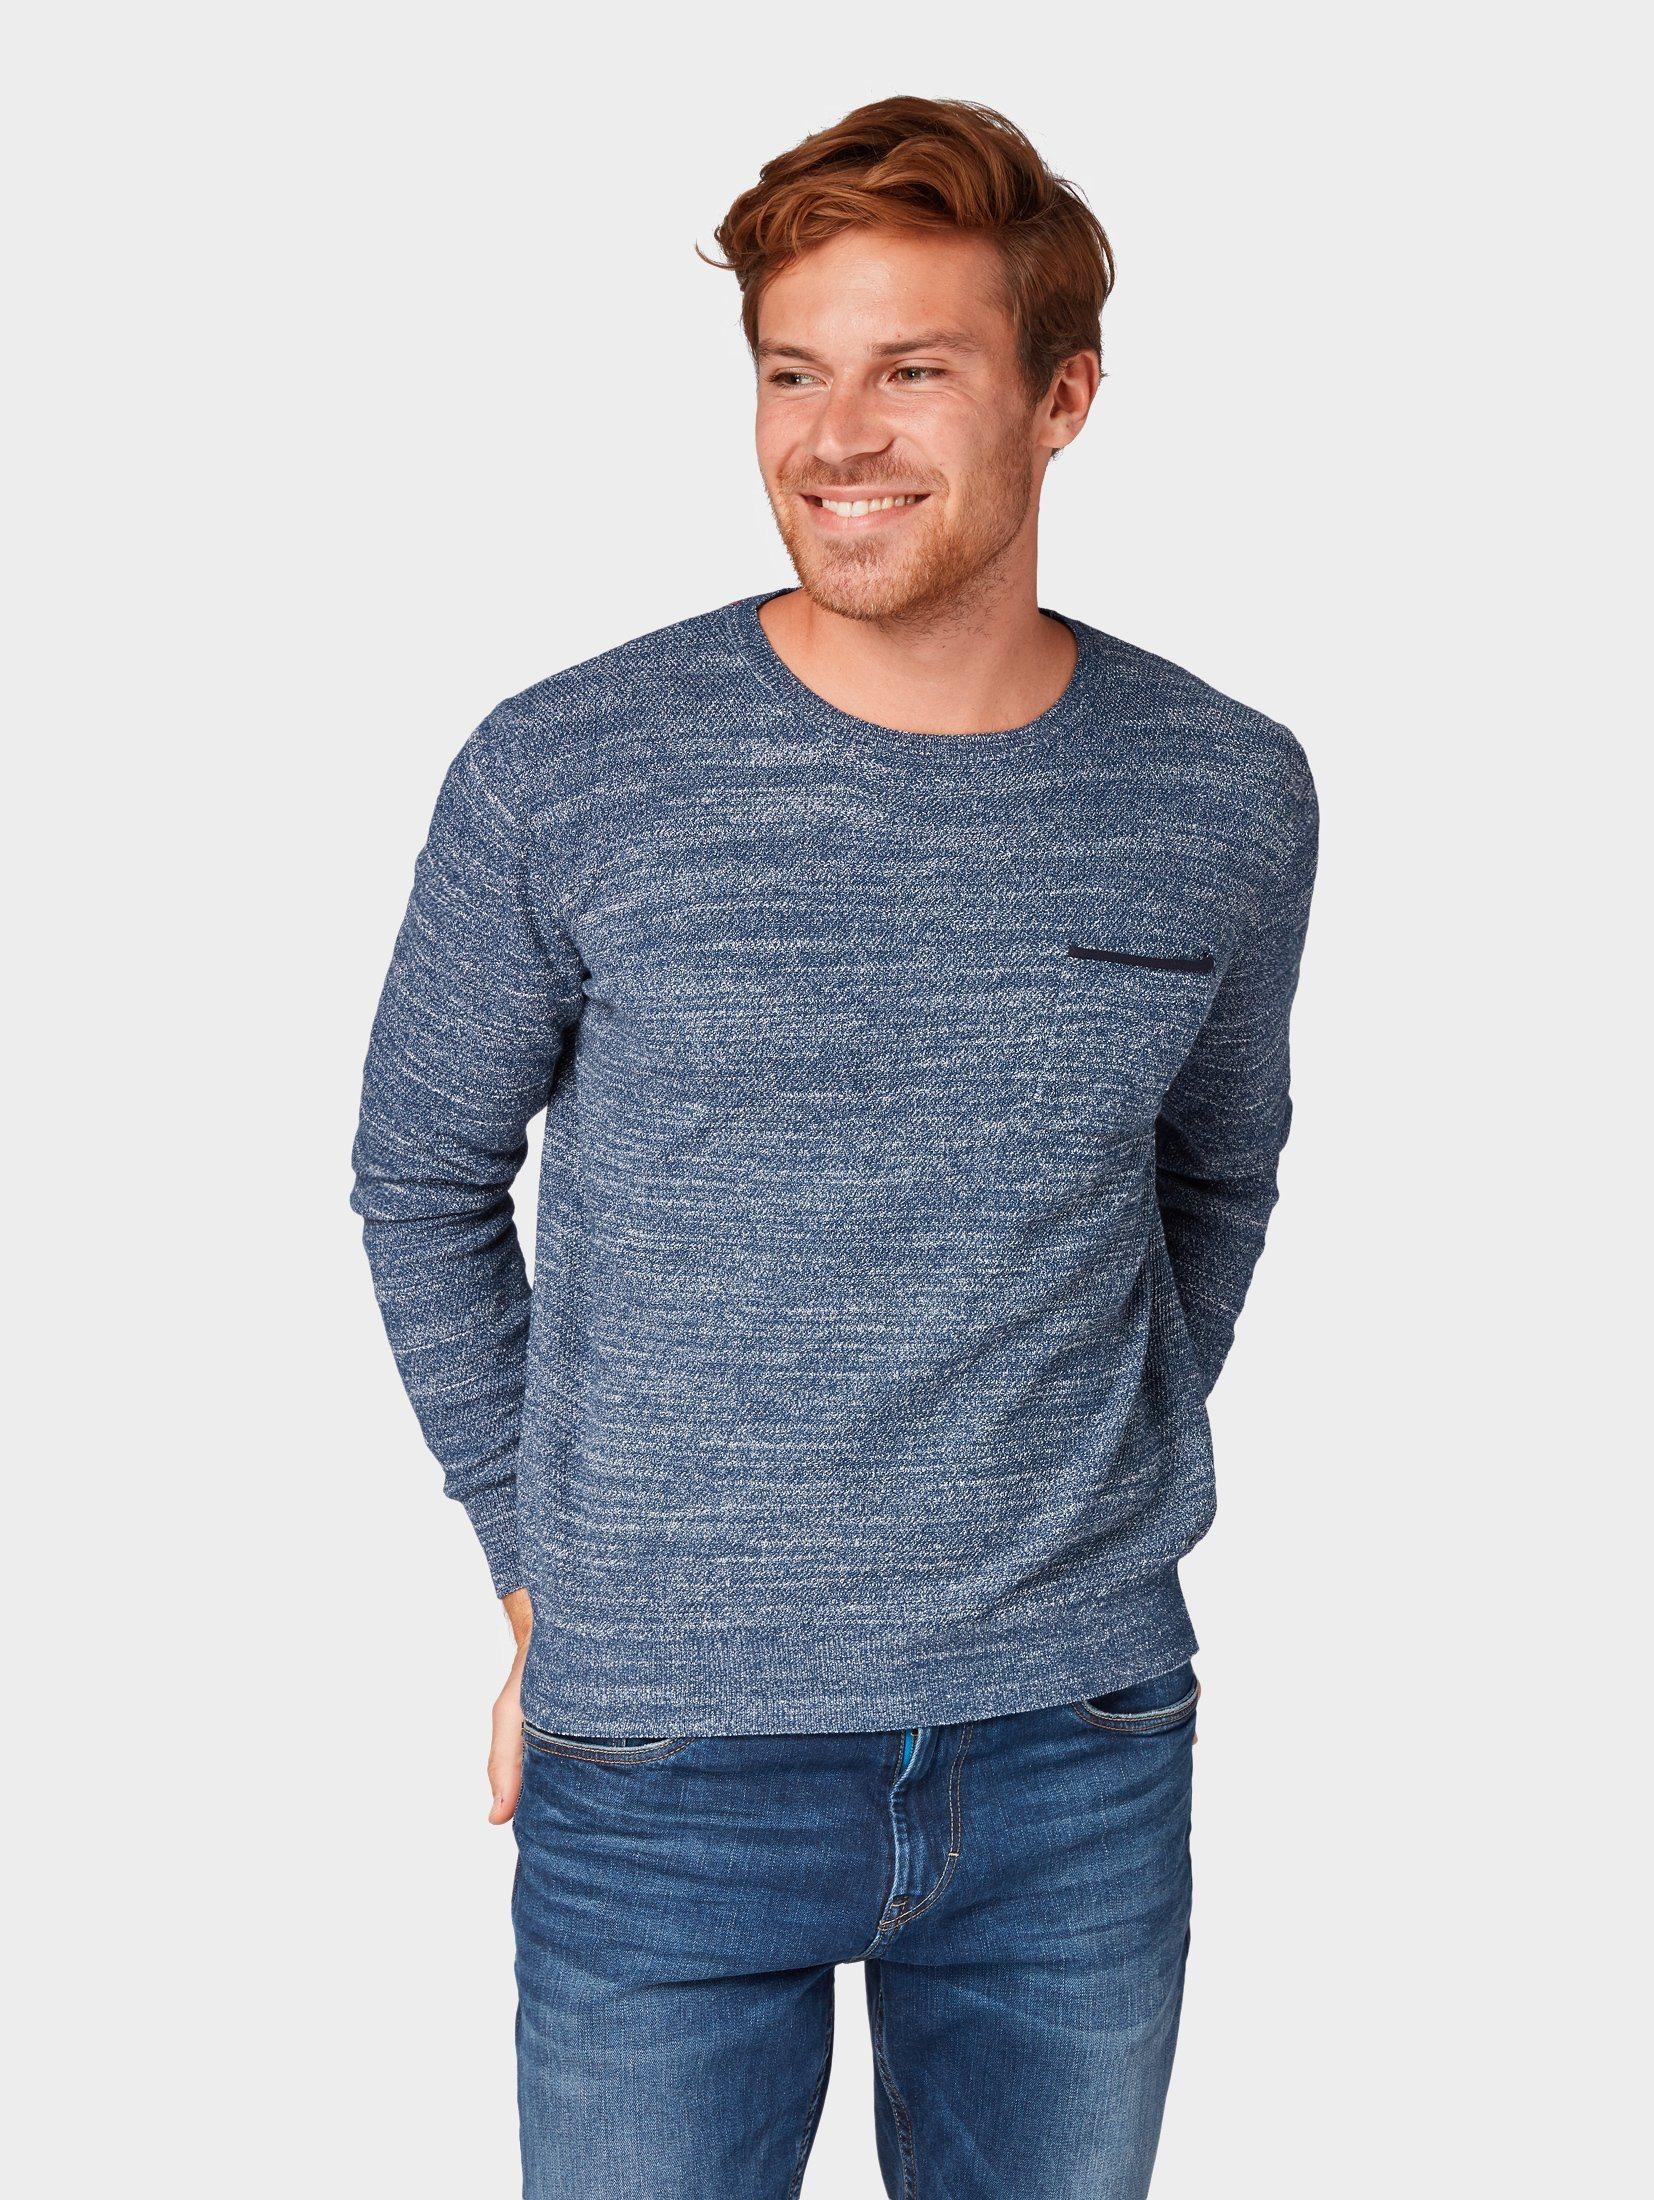 Tom Tailor Rundhalspullover »Strickpullover mit Struktur« | Bekleidung > Pullover > Rundhalspullover | Blau | Polyester - Baumwolle | Tom Tailor